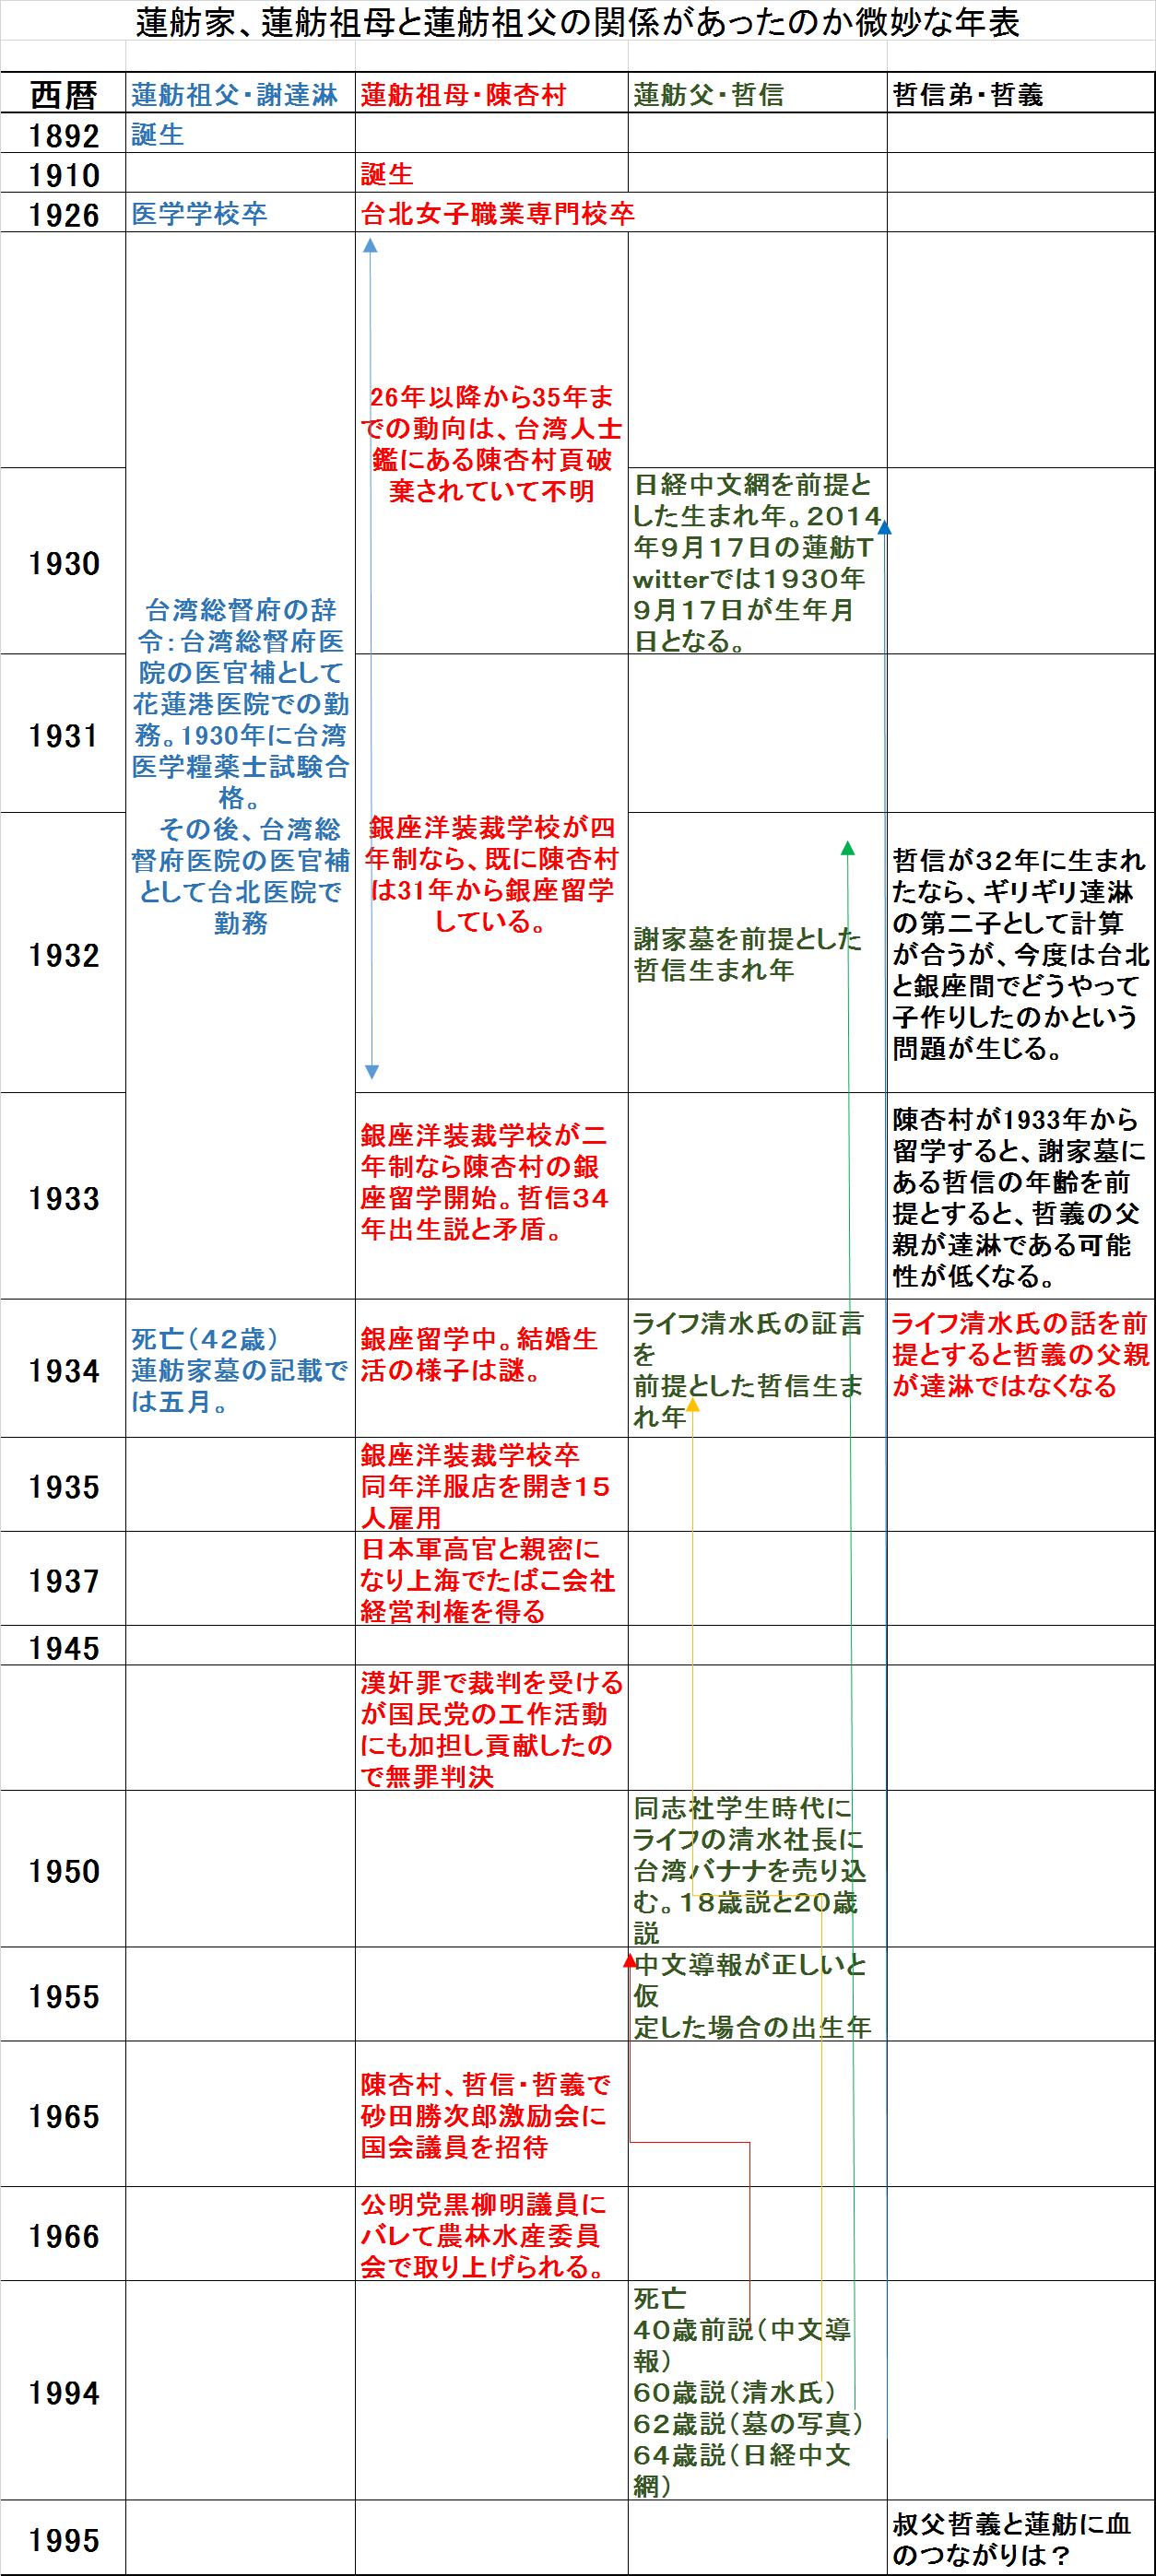 蓮舫年表図